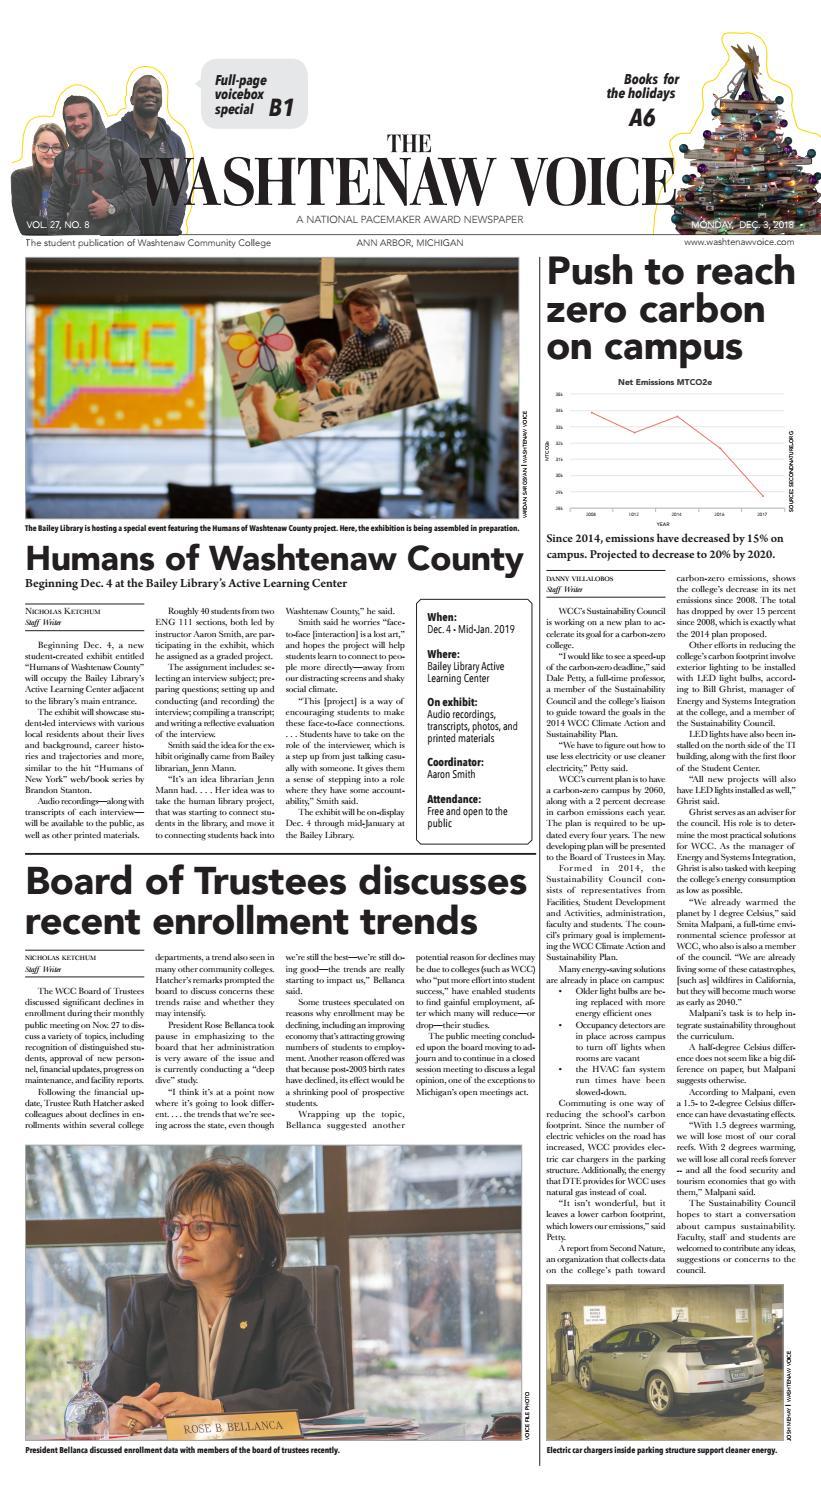 The Washtenaw Voice 12-03-2018 by The Washtenaw Voice - issuu